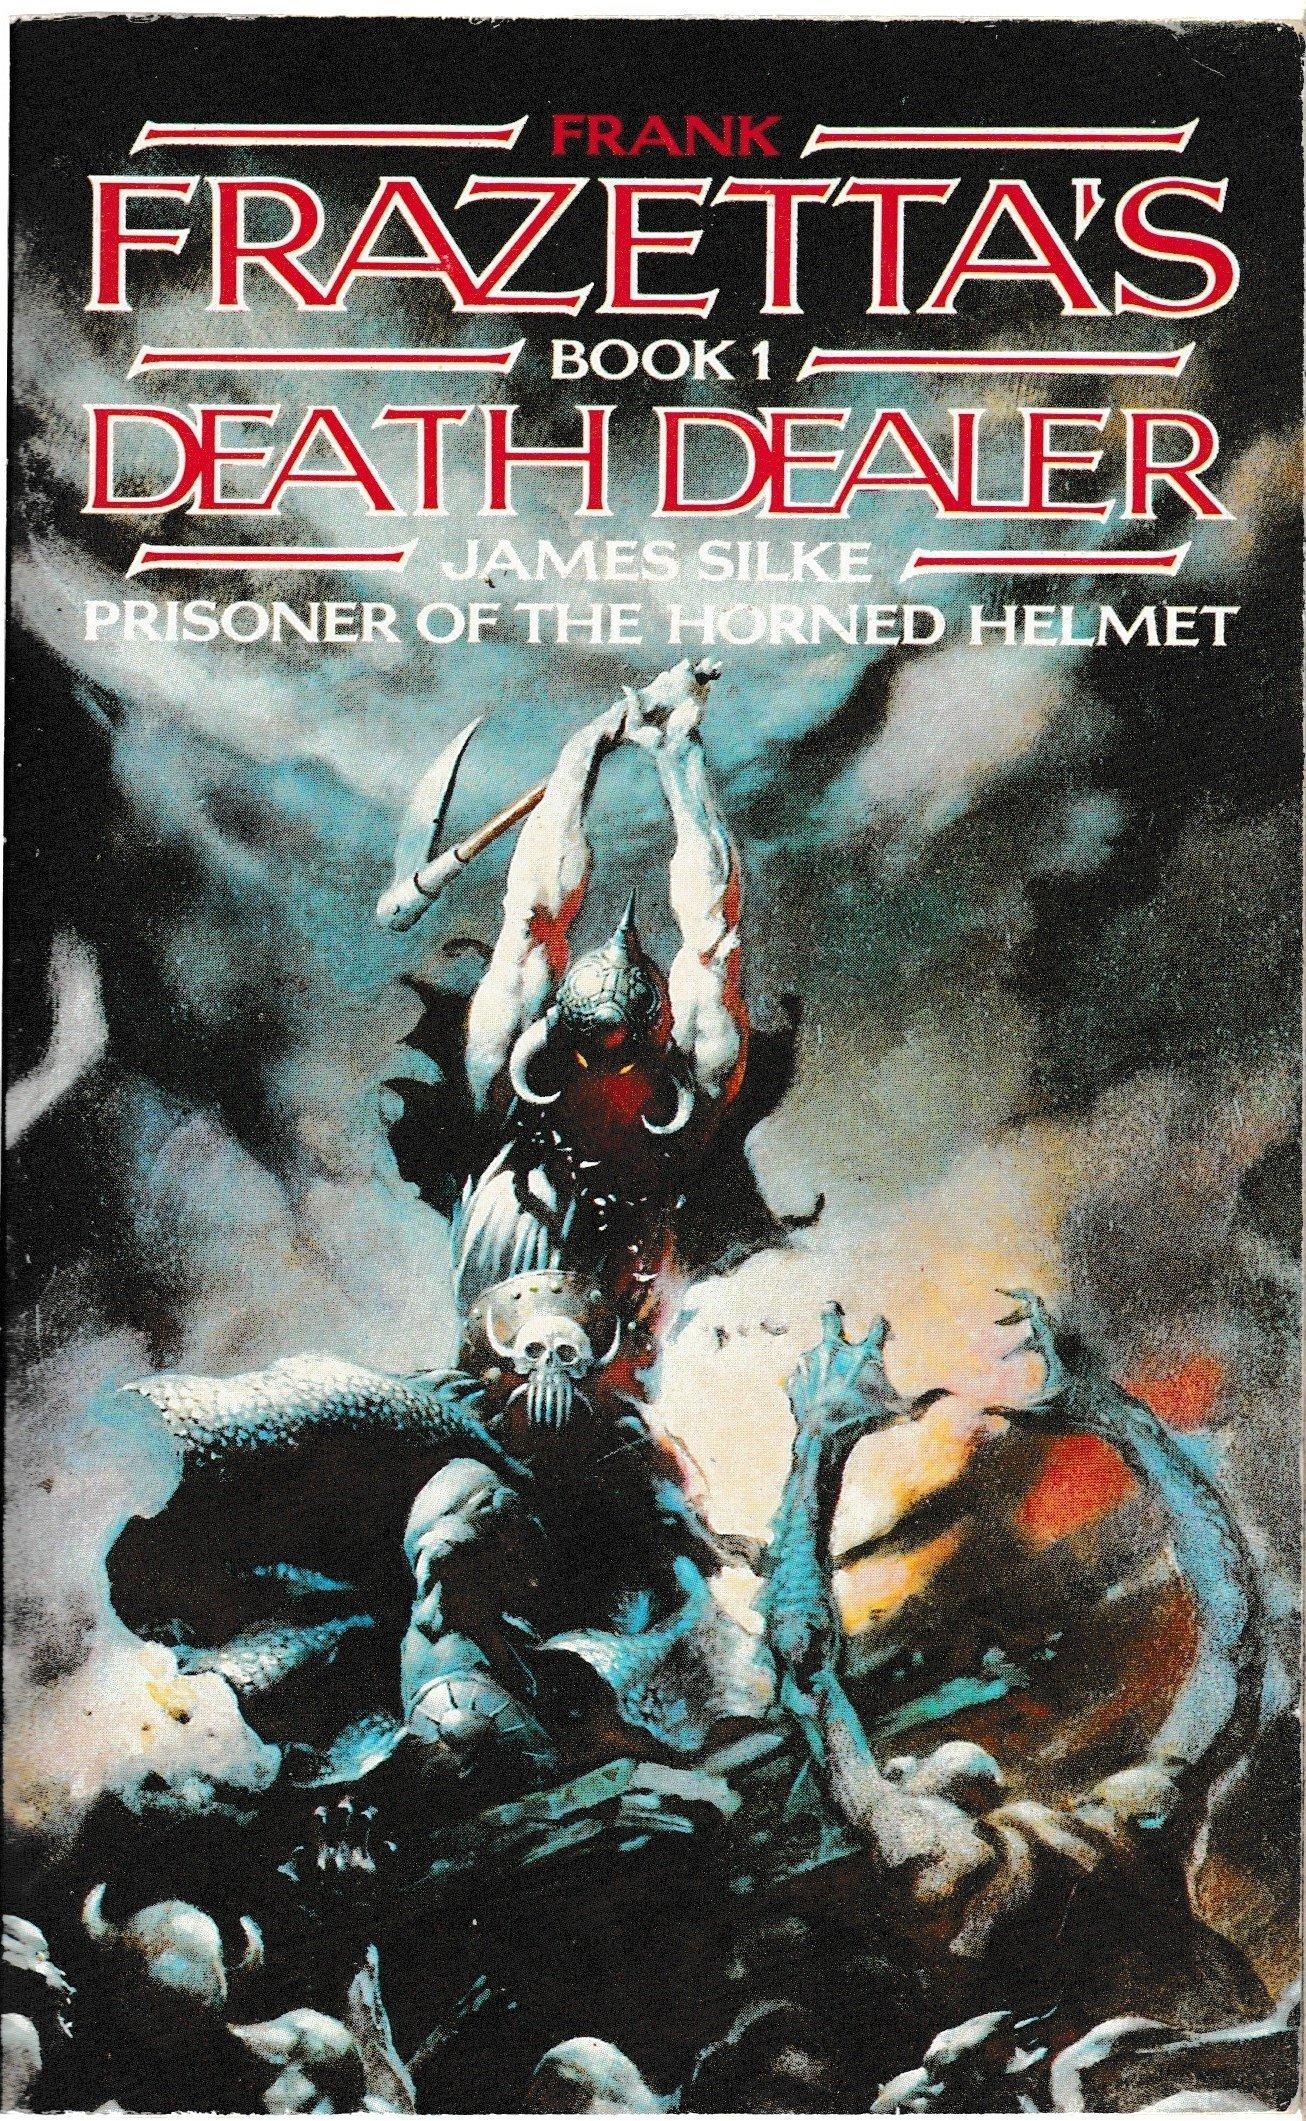 Prisoner Of The Horned Helmet Frank Frazettas Death Dealer 1 By James Silke